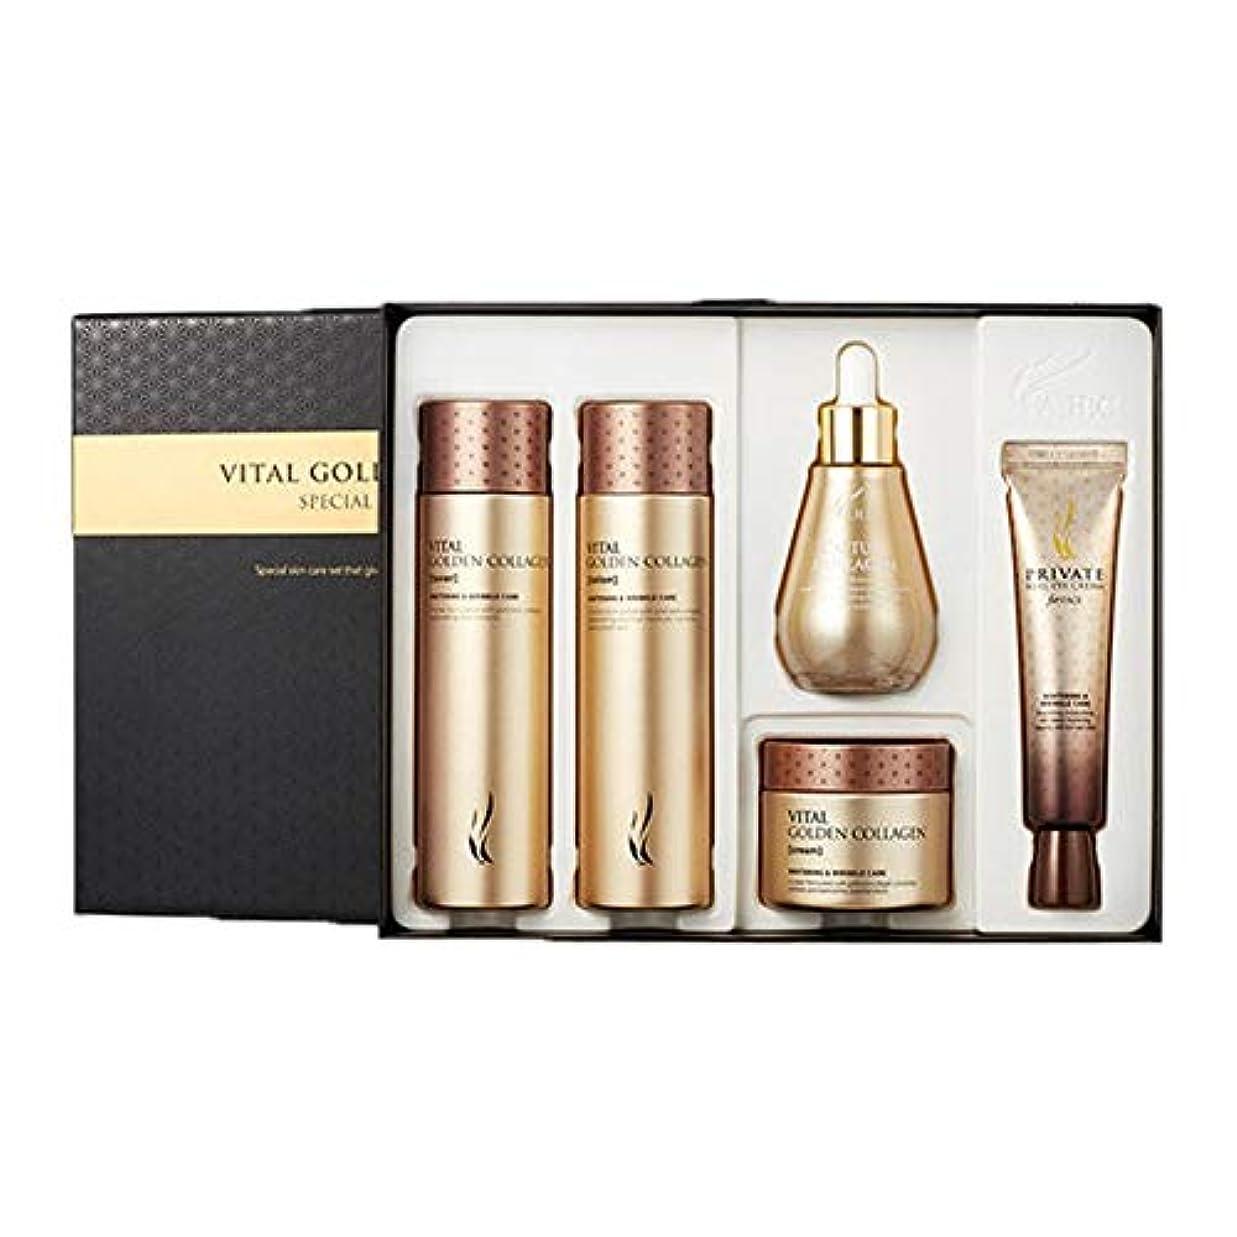 拮抗責光AHCバイタルゴールデンコラーゲンスキンケアセットトナーローションクリームアイクリームアンプル、AHC Vital Golden Collagen Skincare Set Toner Lotion Cream Eye...